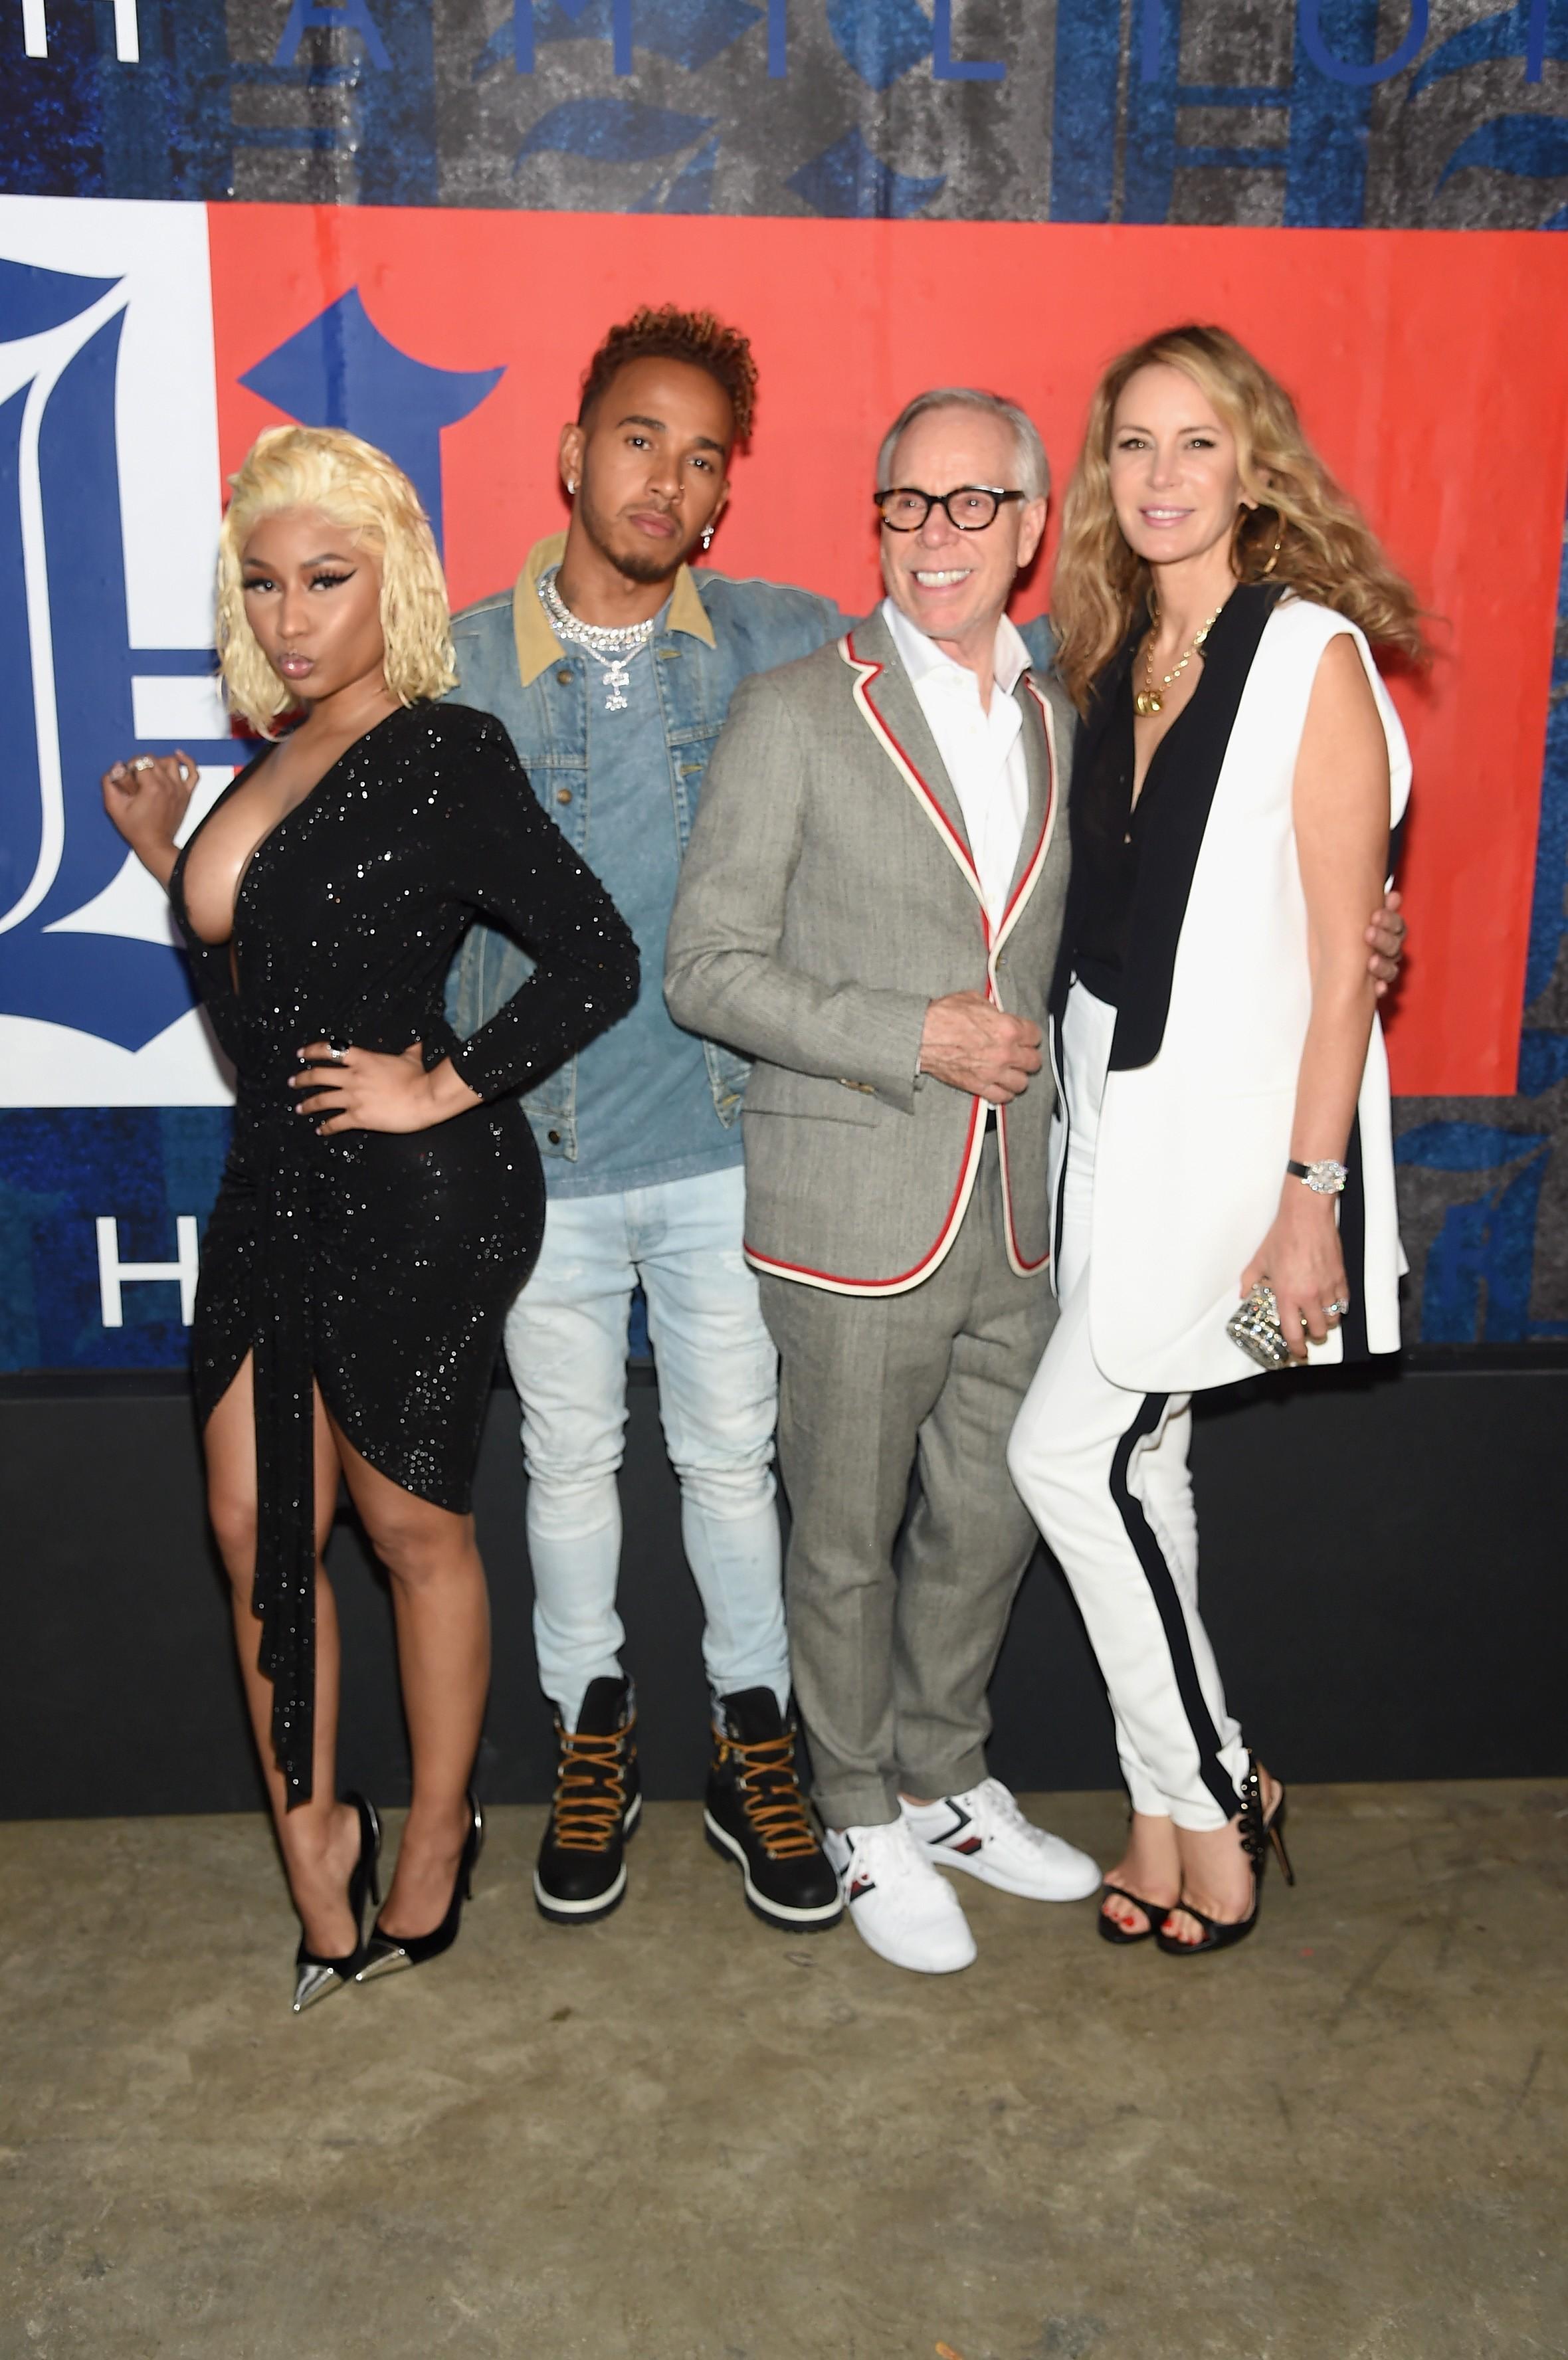 Nicki Minaj, Lewis Hamilton, Tommy Hilfiger e Dee Hilfiger em um evento de moda em Nova York (Foto: Getty Images)